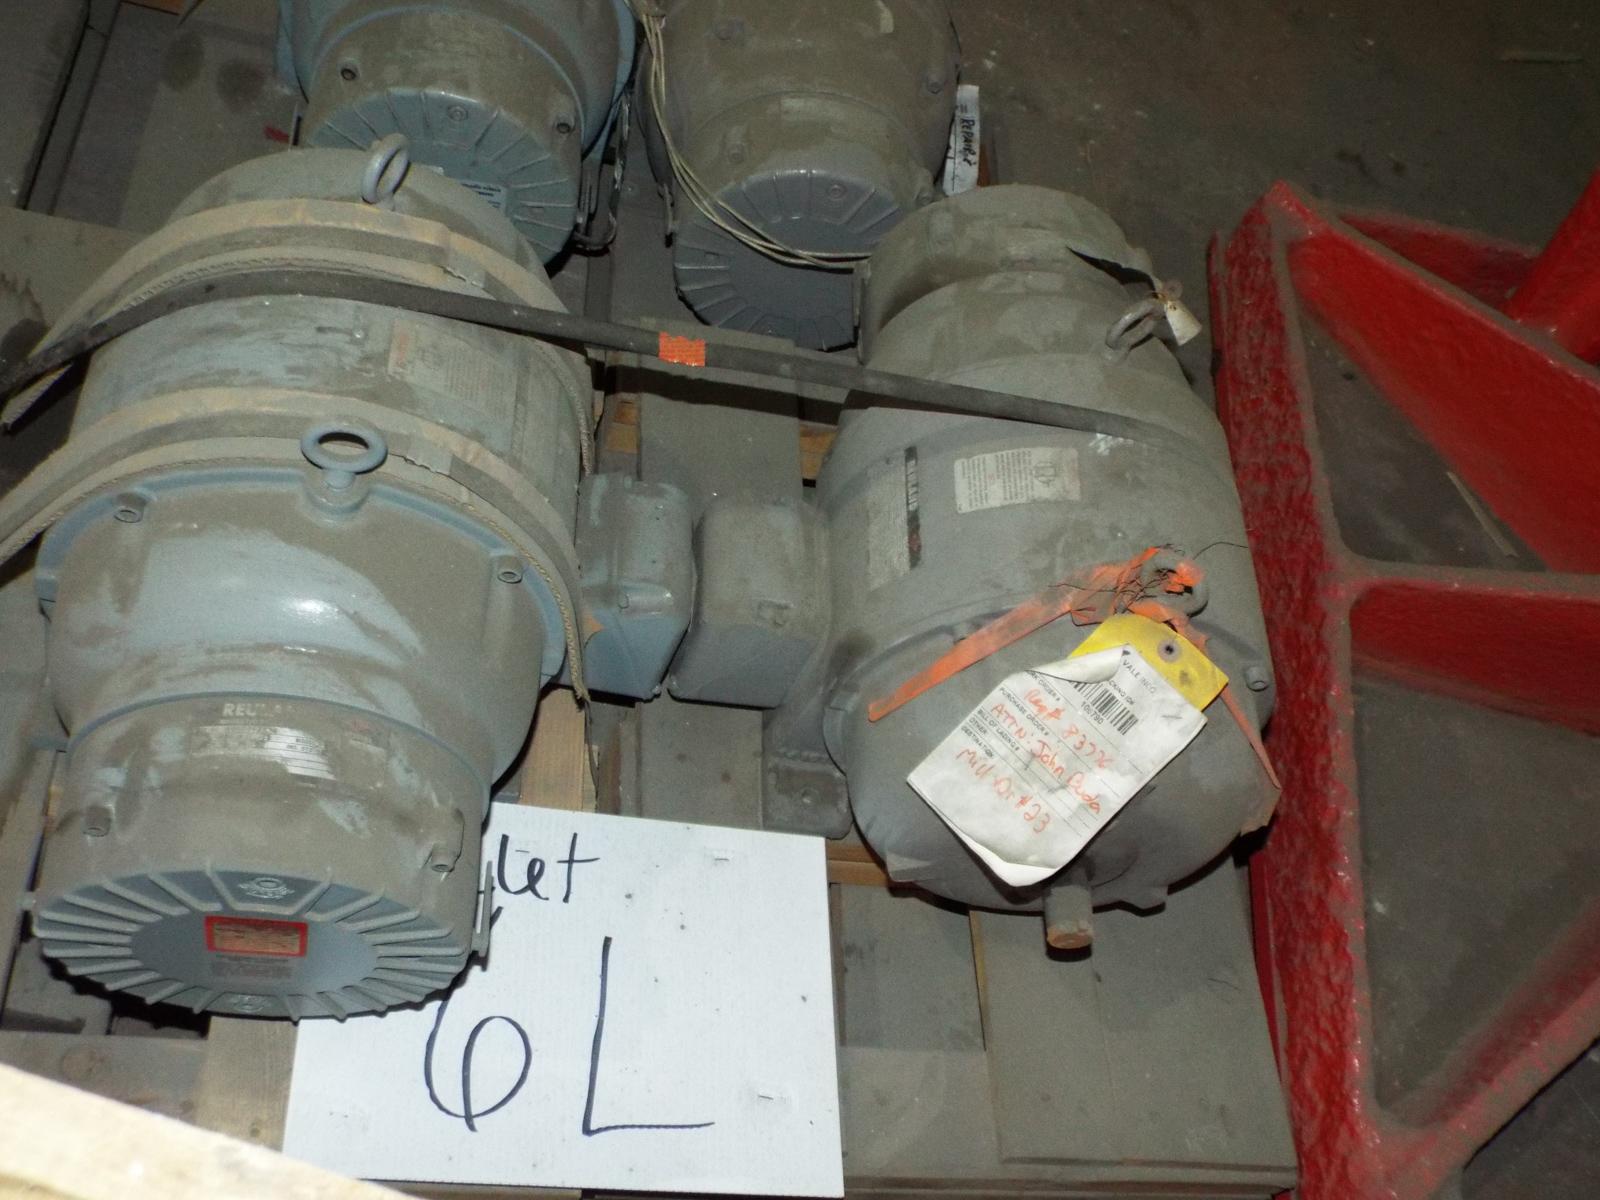 LOT/ (4) REULAND HOIST MOTORS 7.5HP/1800RPM/575V/3PH/60HZ/254U WITH MAGNETIC BRAKE (PLT 6L) - Image 2 of 5